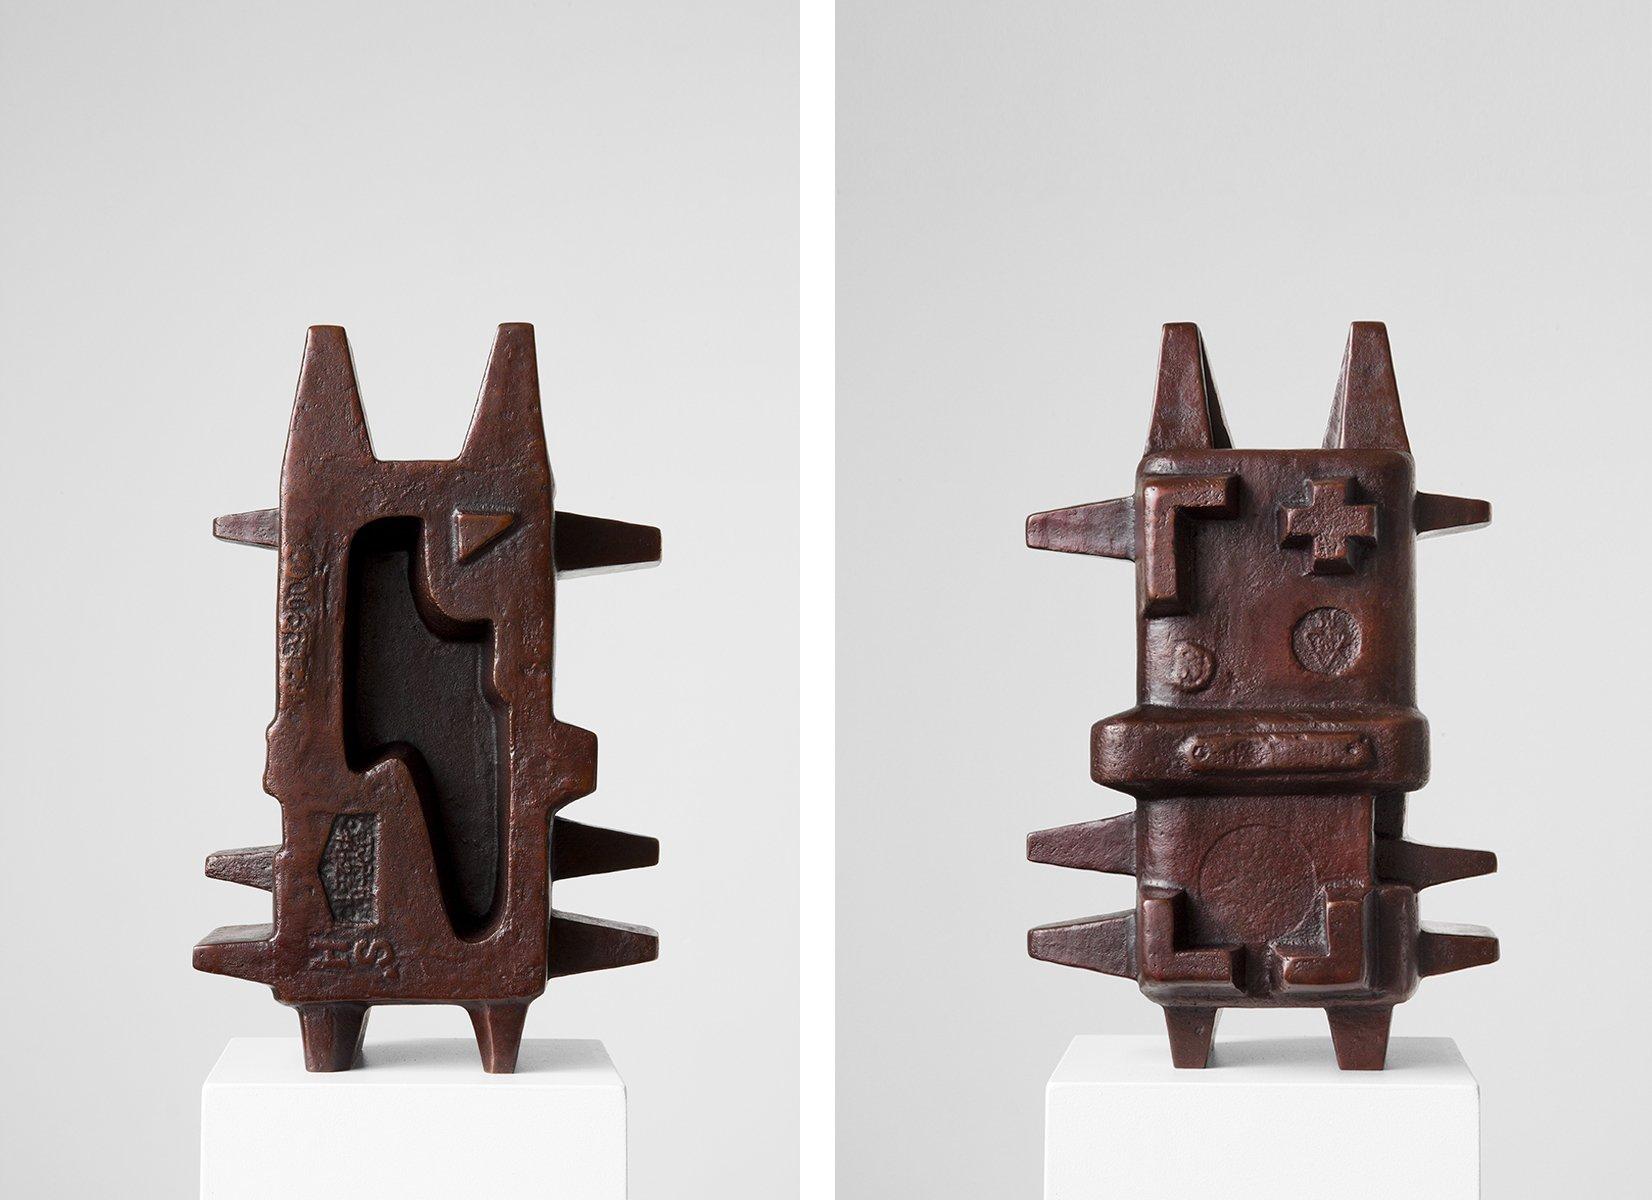 An Te Liu Eidolon VII-IV, 2016 Bronze13 x 8 x 5.5  Unique work in a series of 5